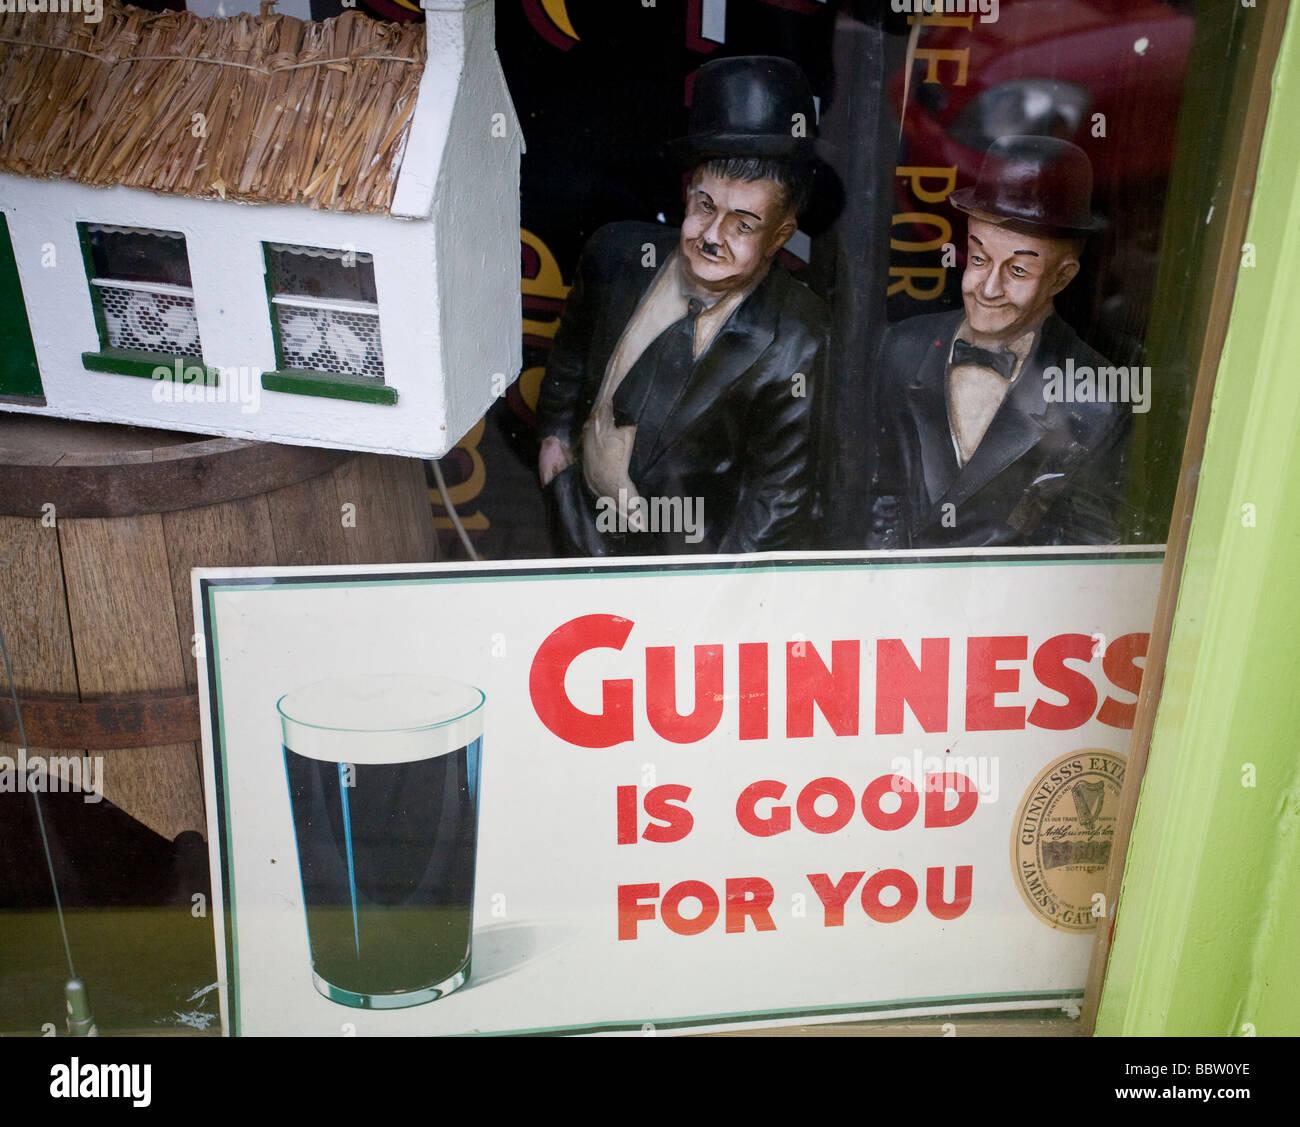 Guinness ist gut für Sie: Komödie. Laurel und Hardy Statuen scheinen die berühmten Guinness-Slogan Stockbild